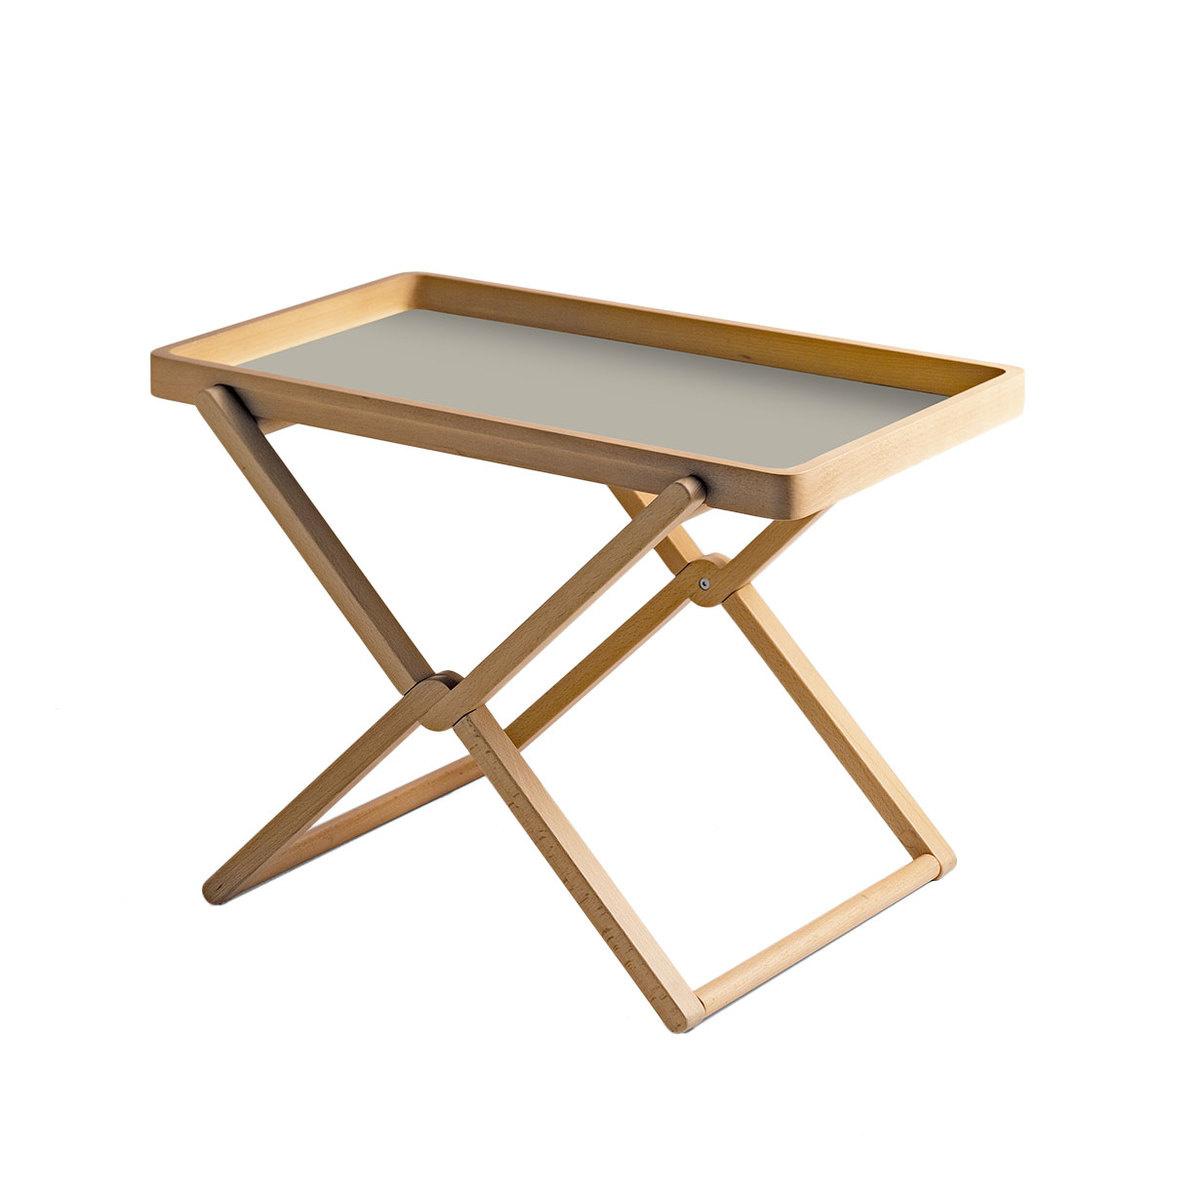 Tavolino pieghevole in faggio con vassoio by caon arreda - Ikea tavolino pieghevole ...